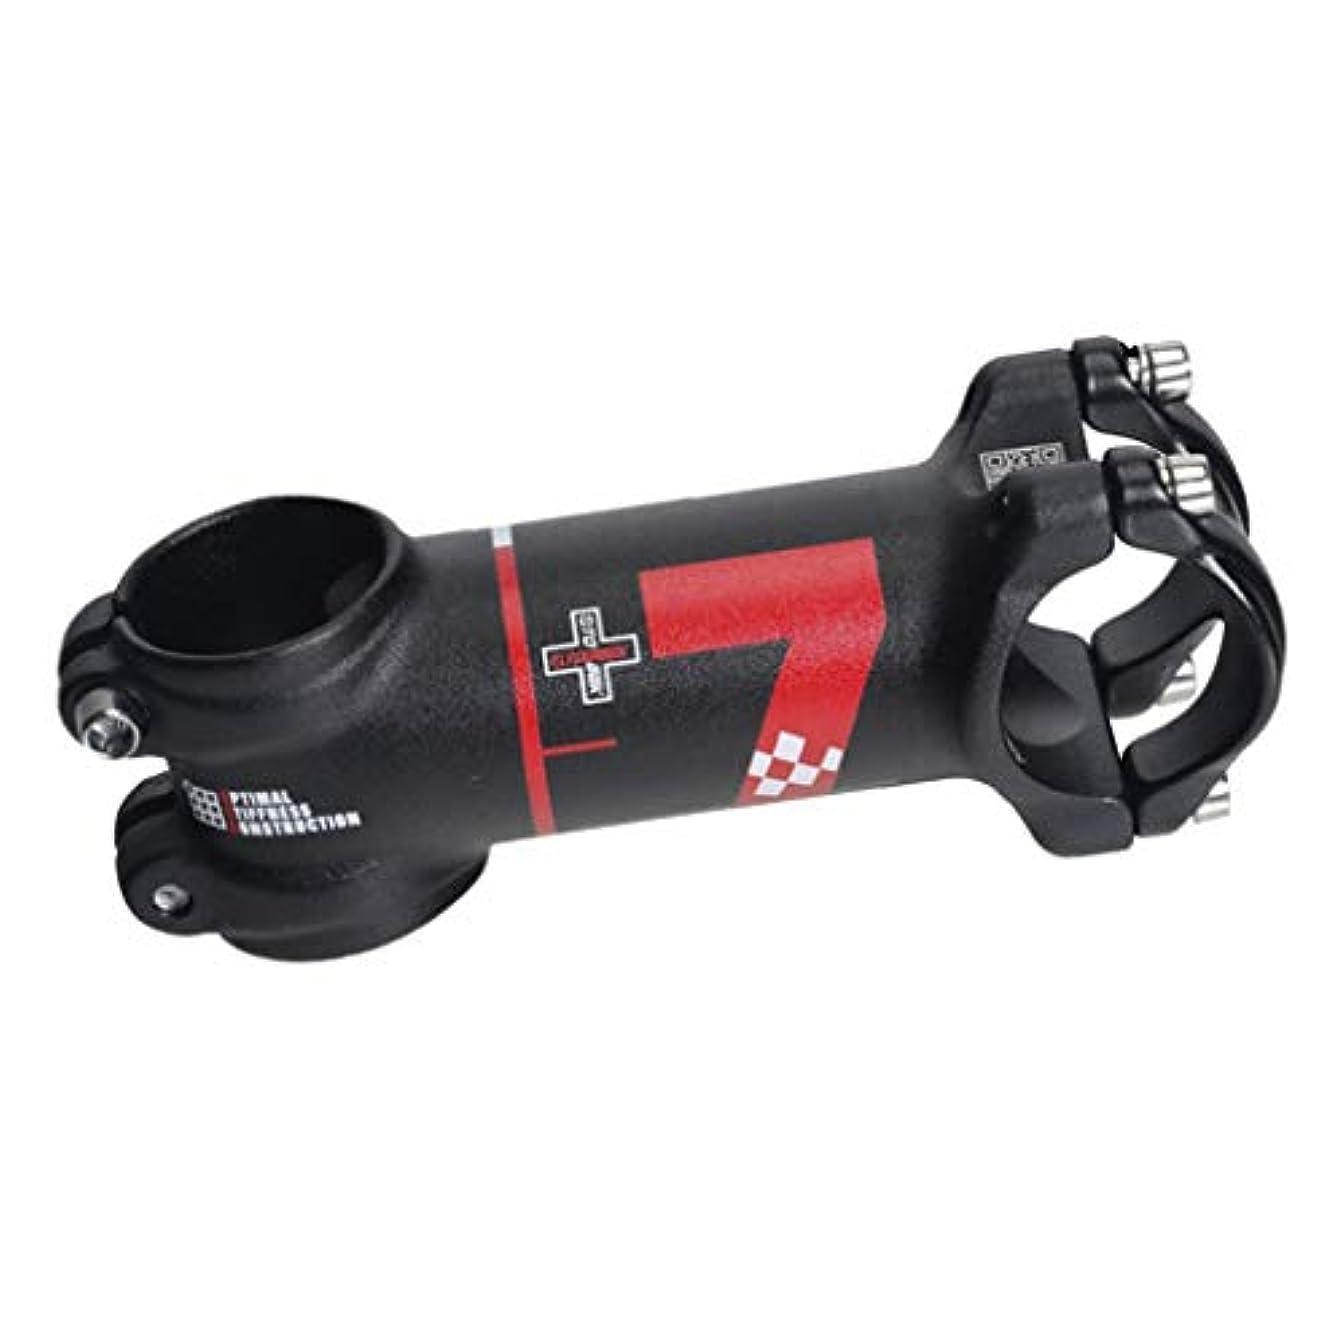 申し込む発揮する略語DYNWAVE アルミ合金 31.8mm 自転車ハンドルバーステム ライザー 7度固定 全6サイズ